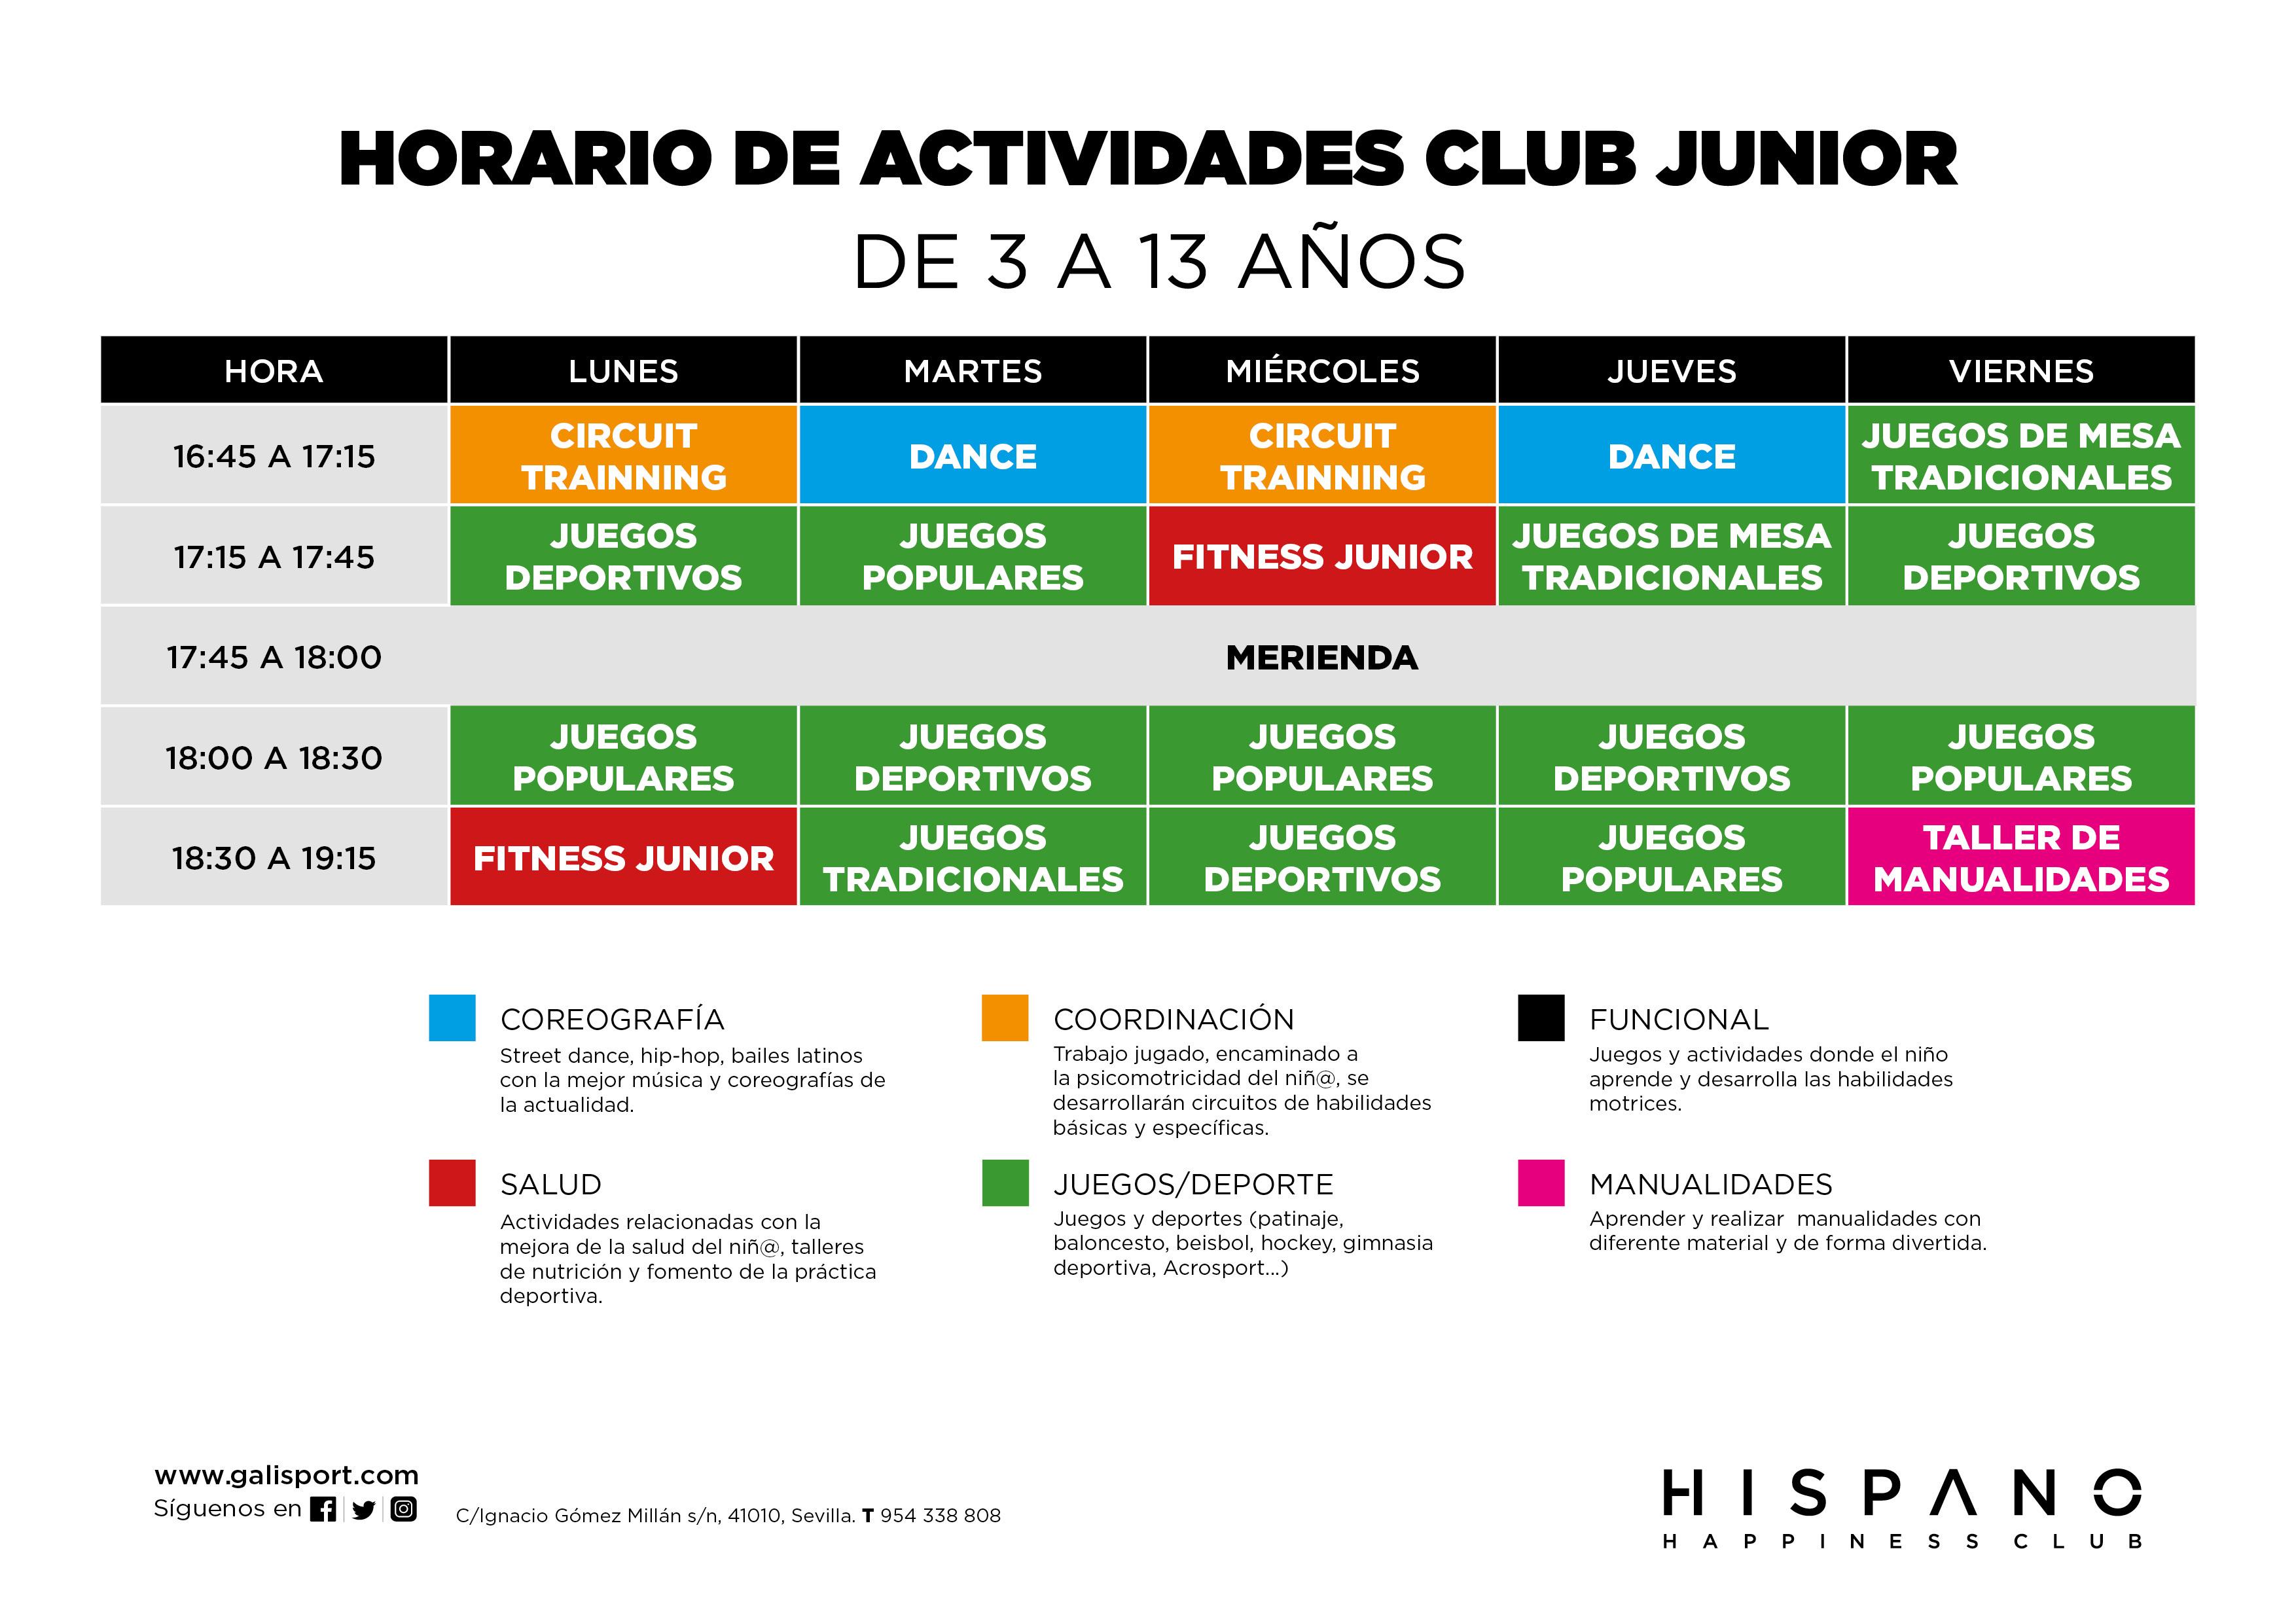 horario club junior